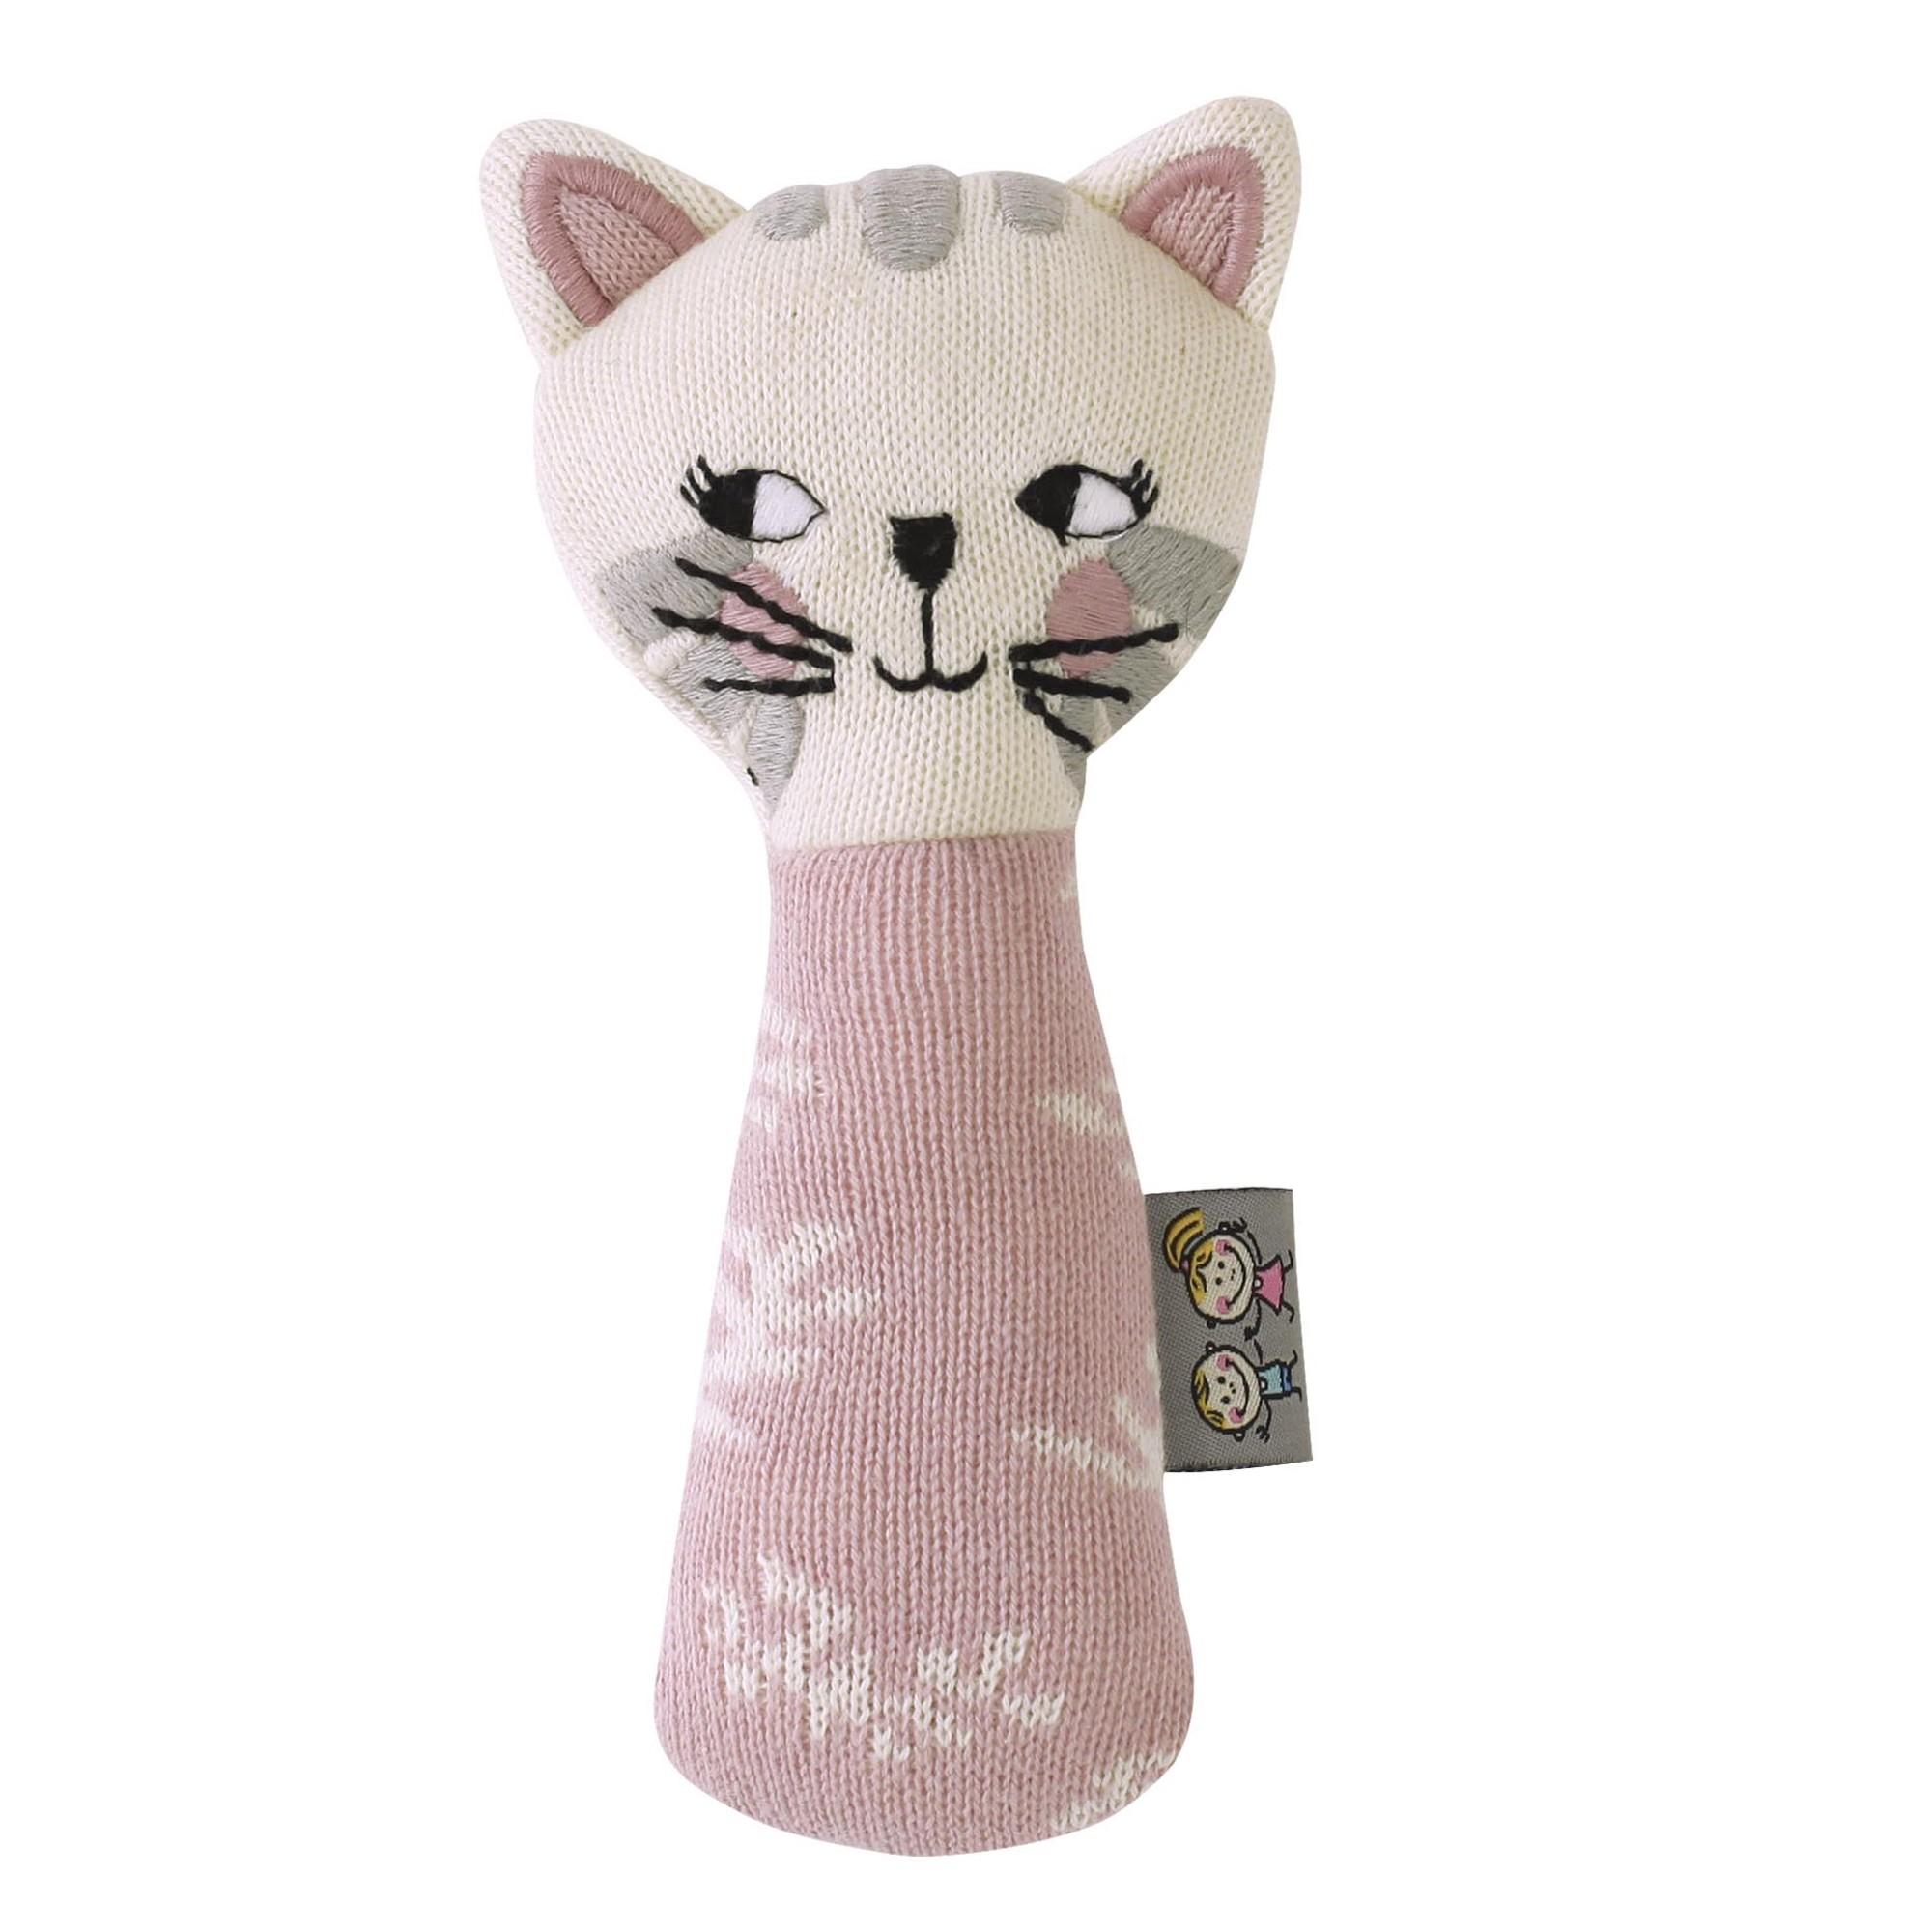 Hochet en tricot de coton rose bébé